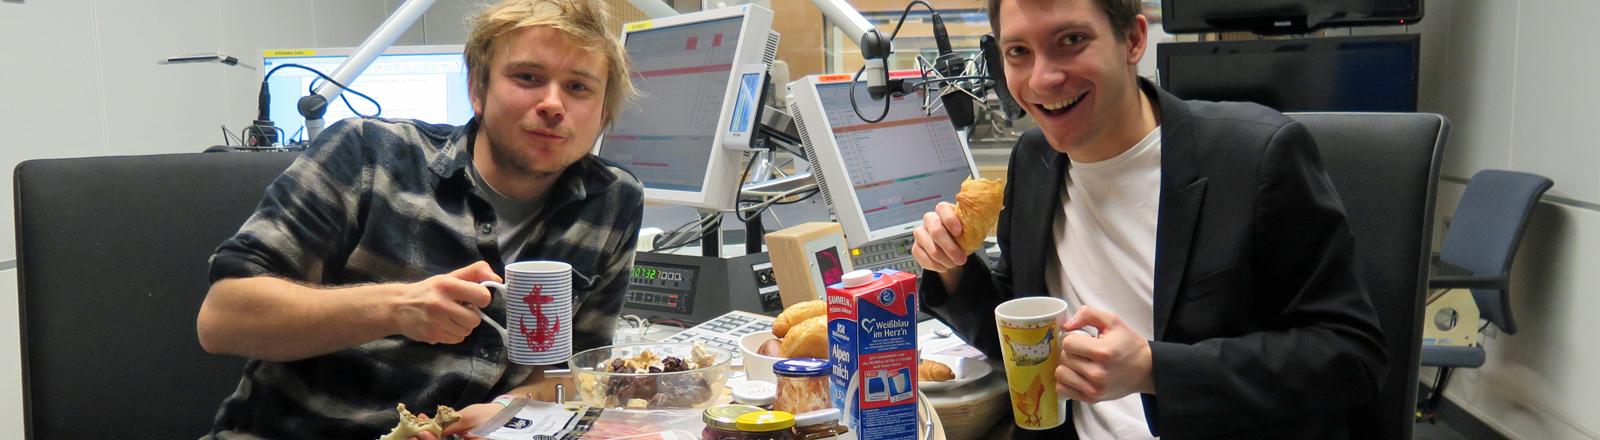 Moderator Markus Dichmann frühstückt im Studio von Dein Sonntag mit dem Regisseur Tali Barde am 21.12.2014.